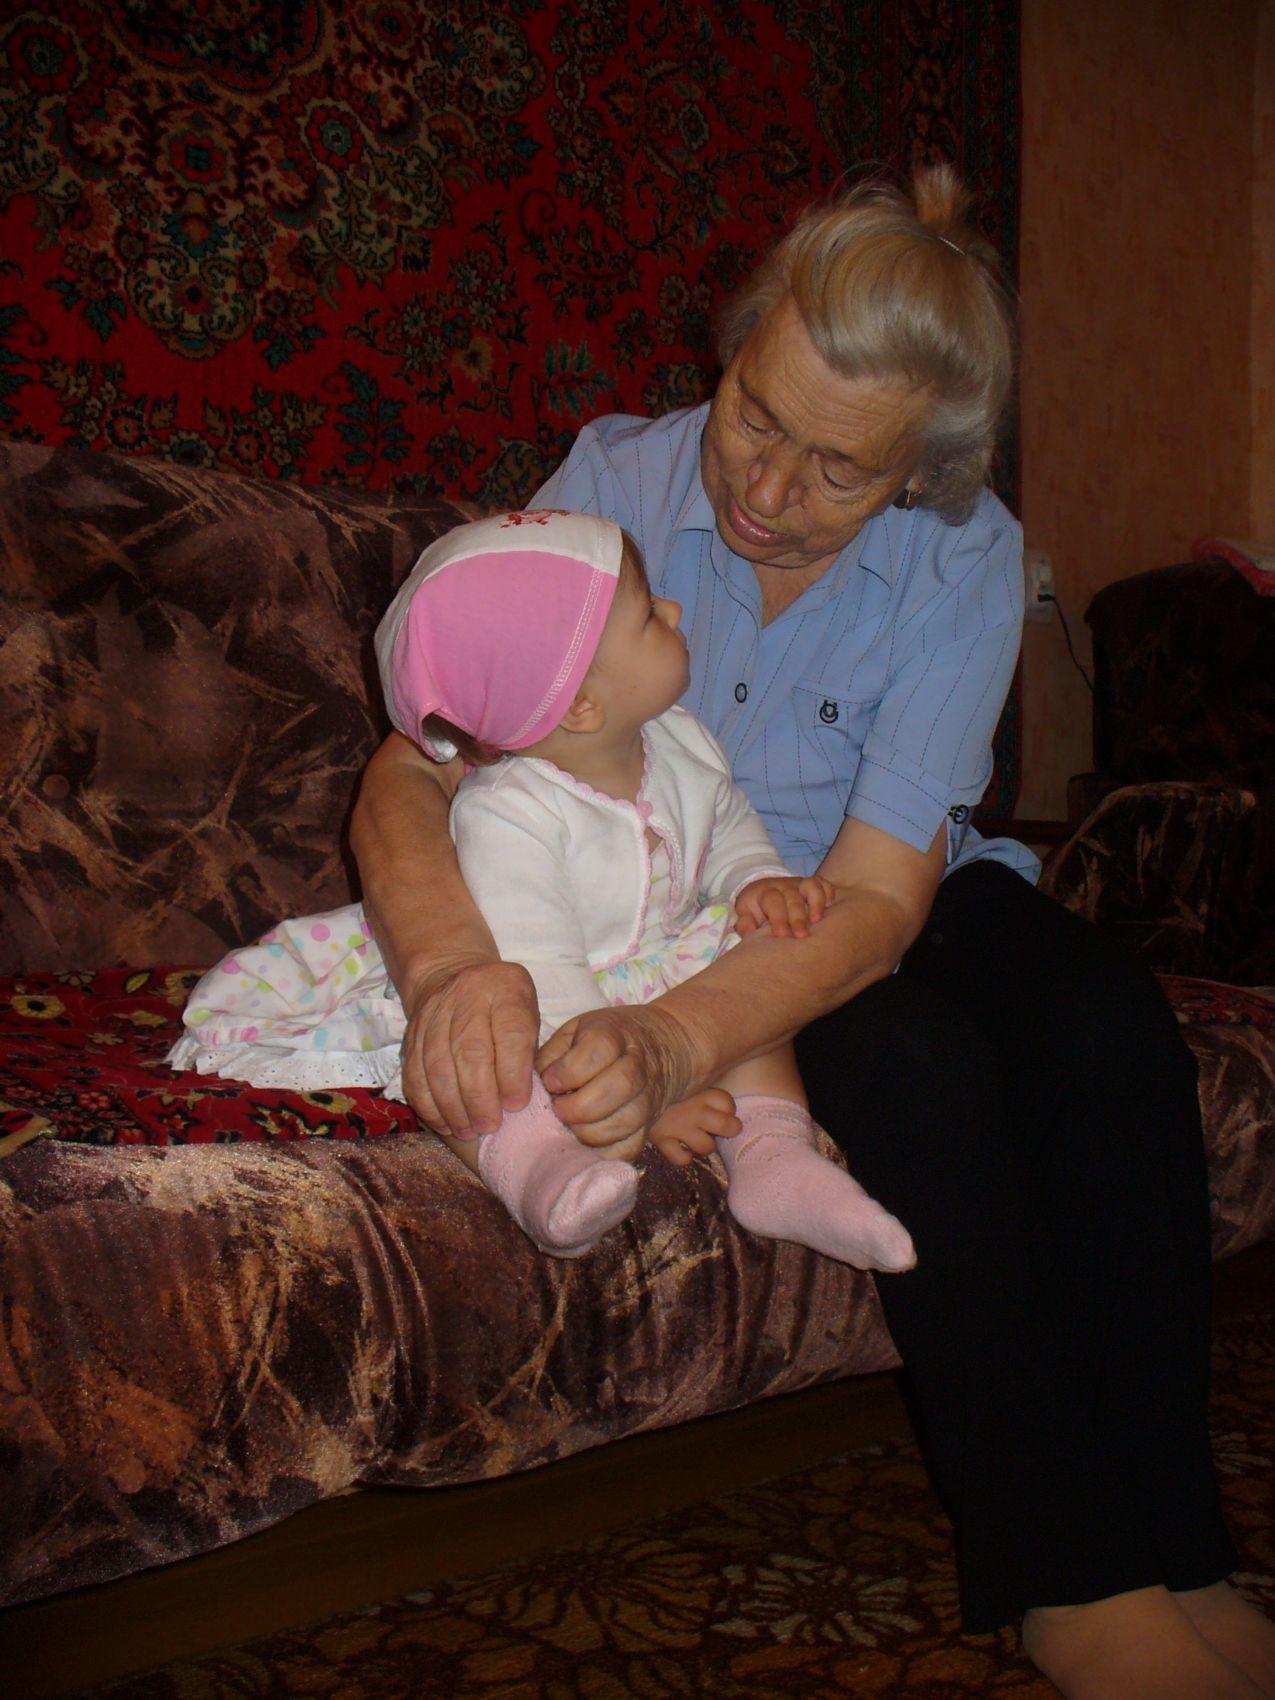 На бабулю я смотрю - как же я ее люблю!. Стар и мал